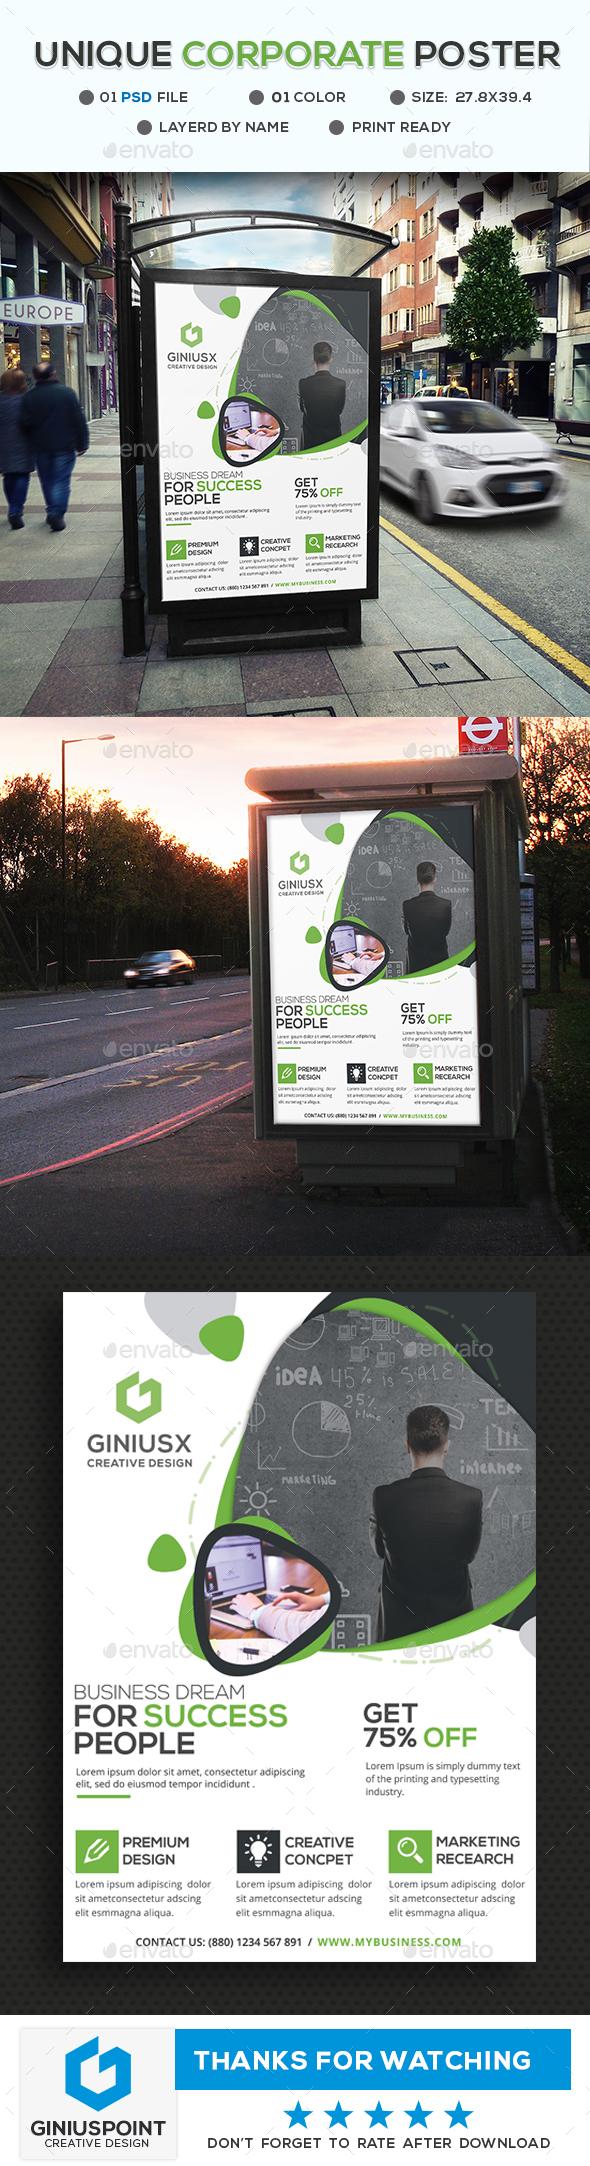 GraphicRiver Corporate Poster 20442923